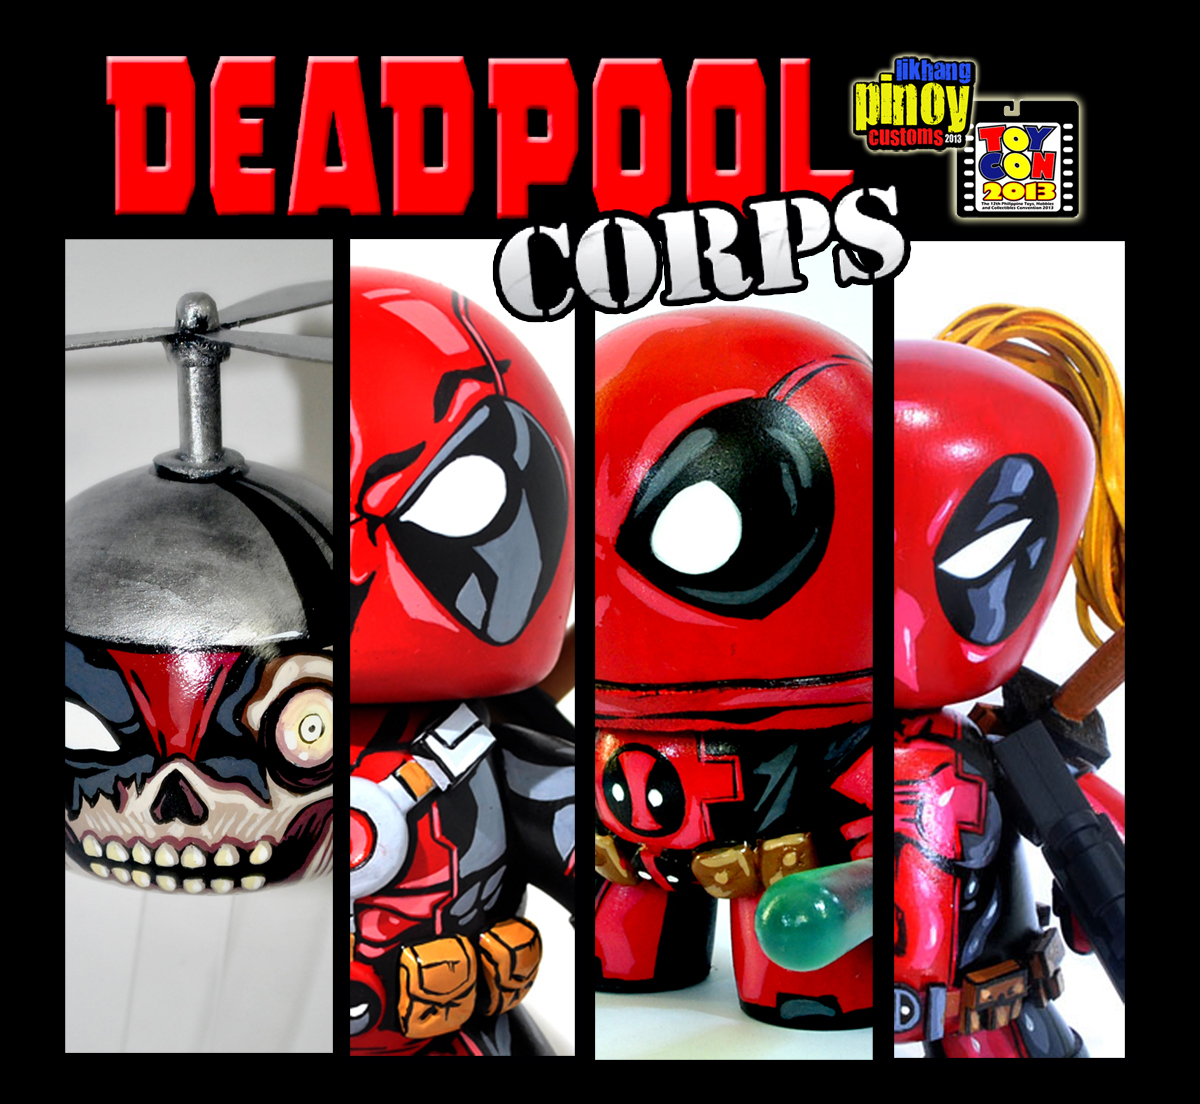 Likhang Pinoy Customs The Deadpool Corps At Toycon 2013